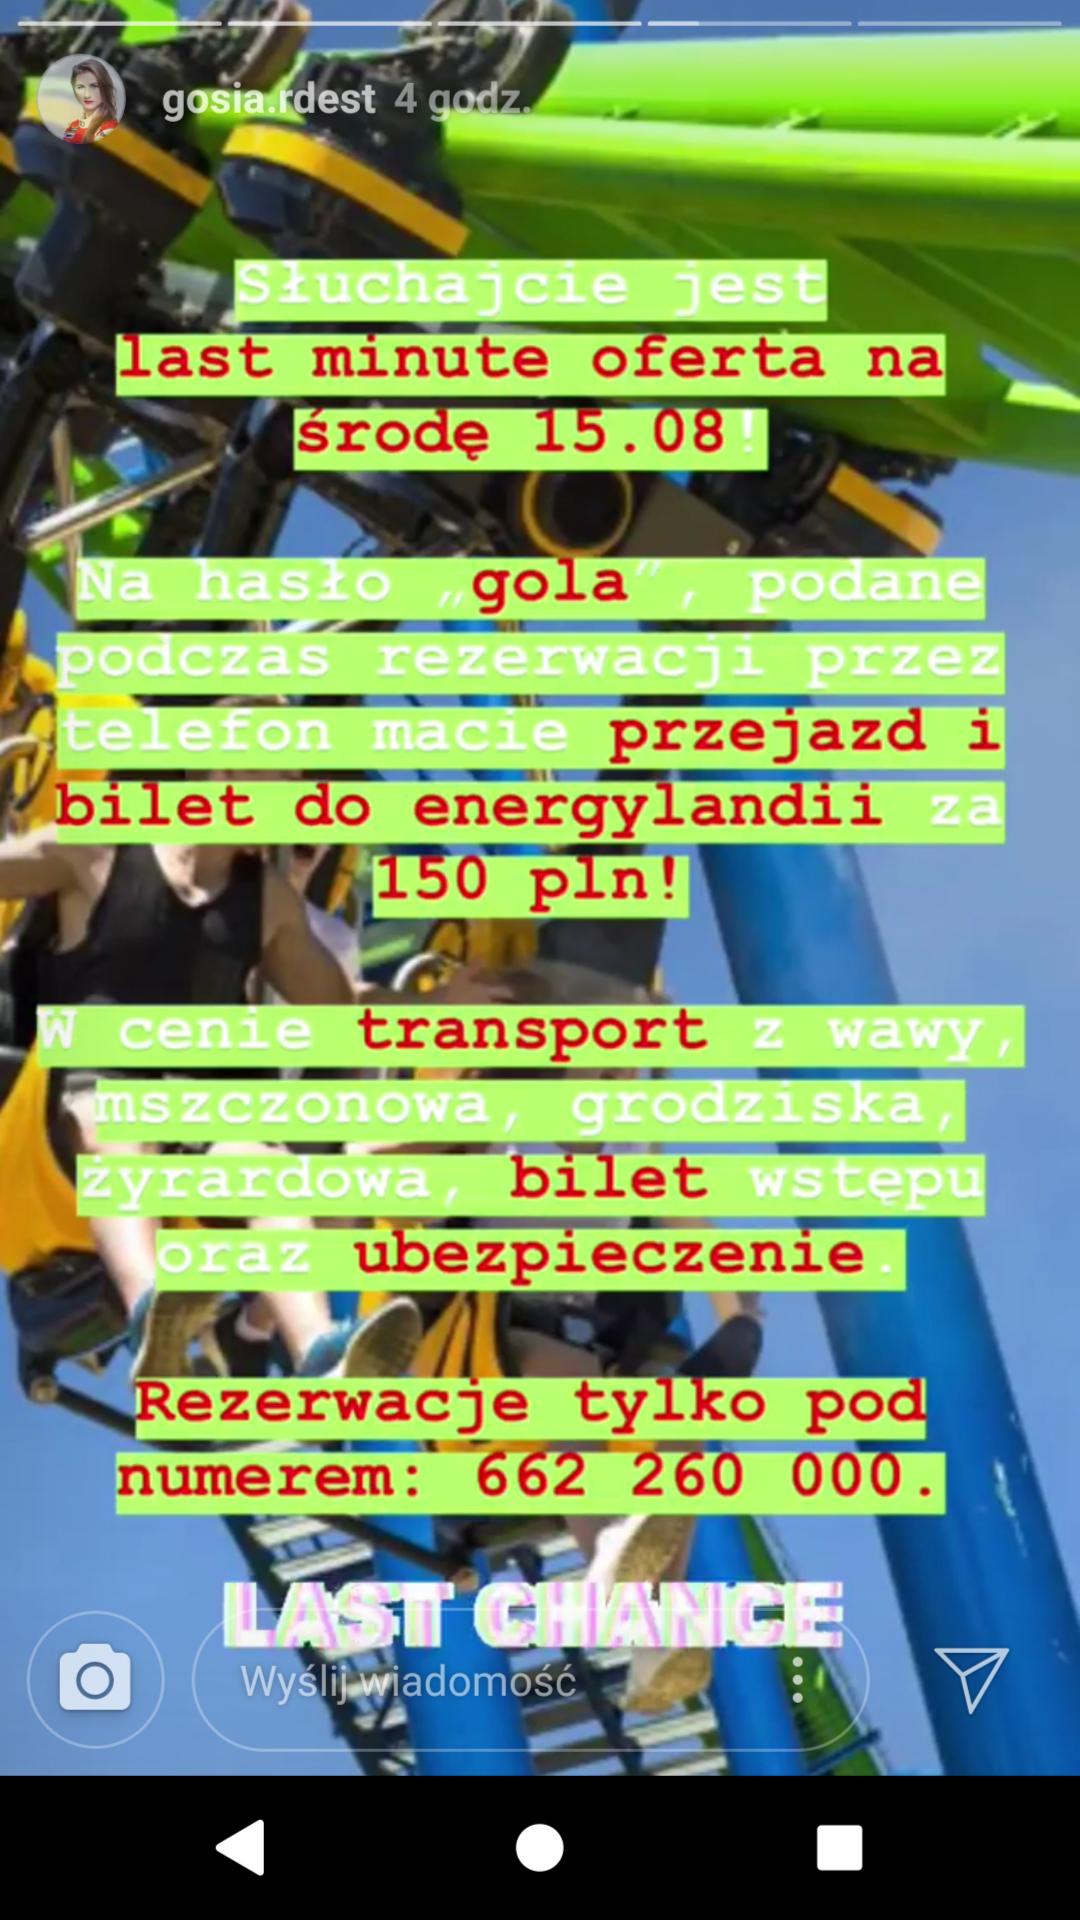 Energylandia z Warszawy i Żyrardowa wyjazd autokarem + wstęp do parku